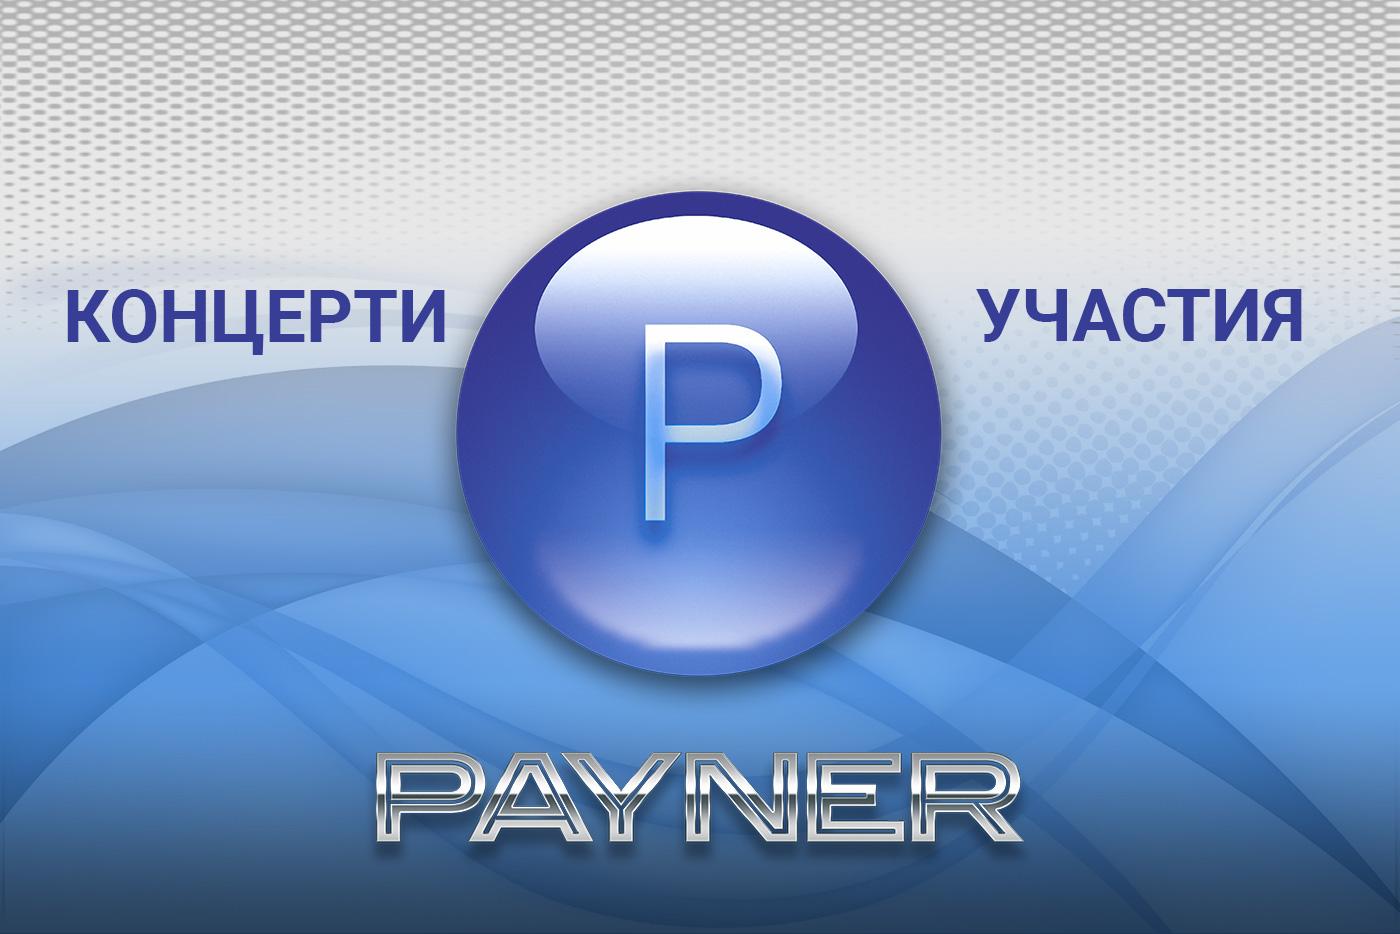 """Участия на звездите на """"Пайнер"""" на 15.04.2019"""